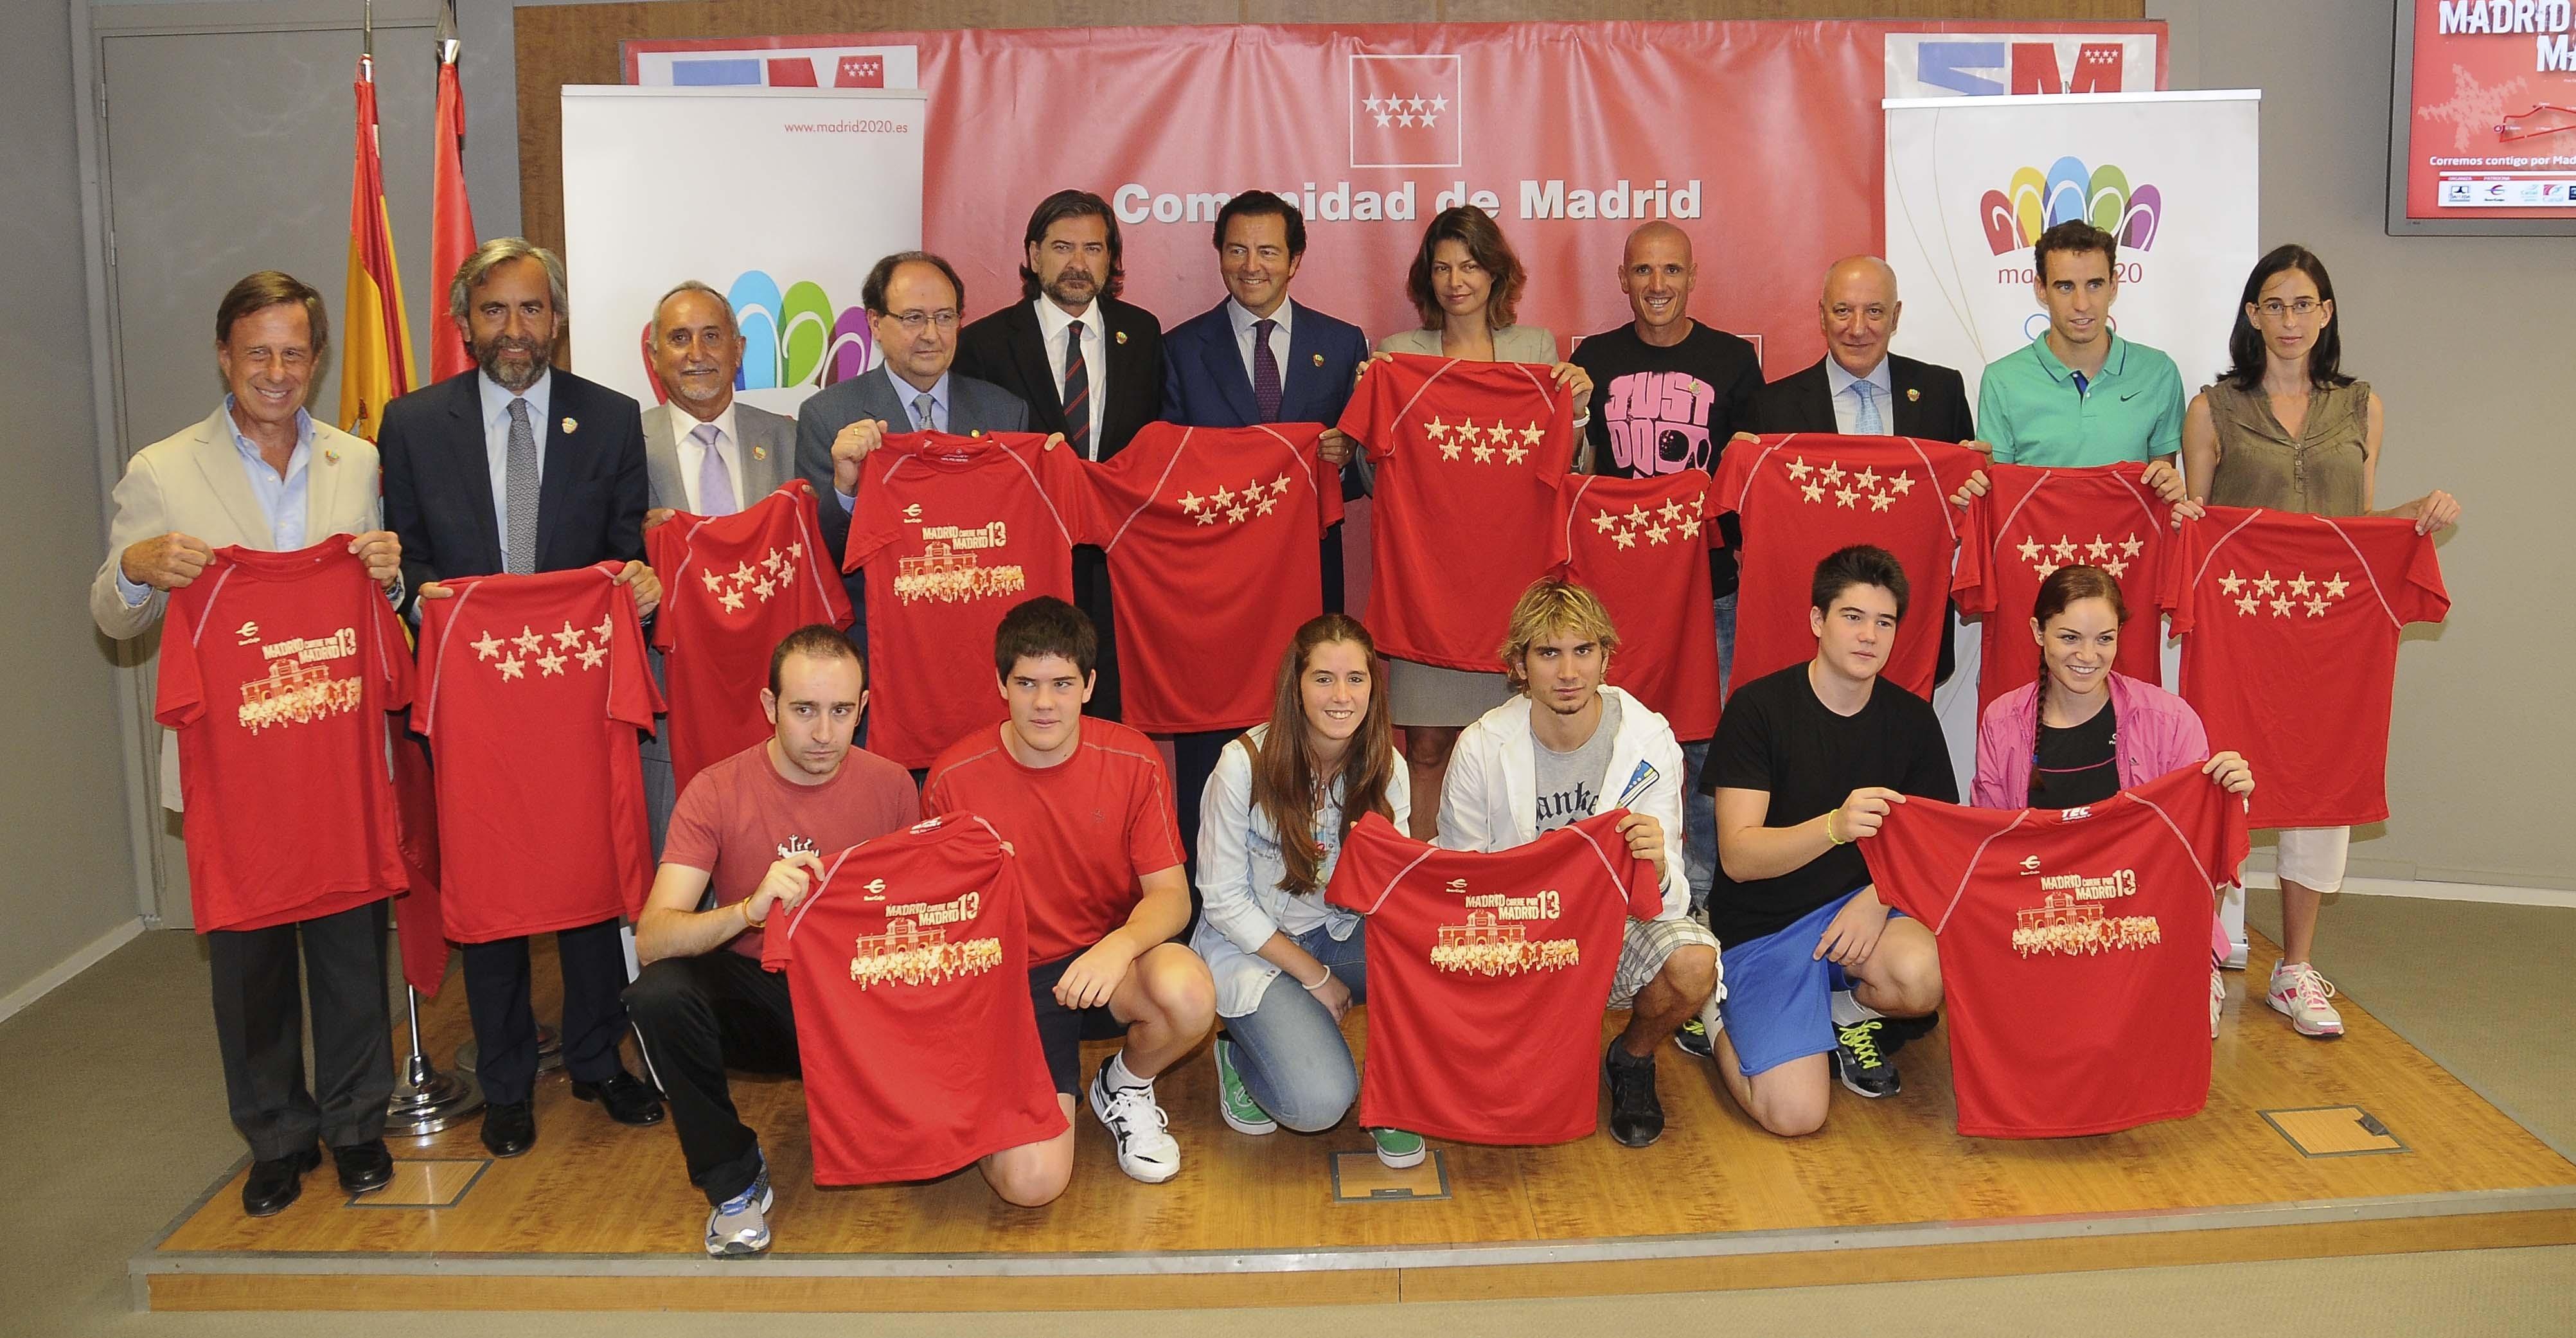 La VI edición de »Madrid corre por Madrid» será la primera gran carrera popular tras la elección del COI